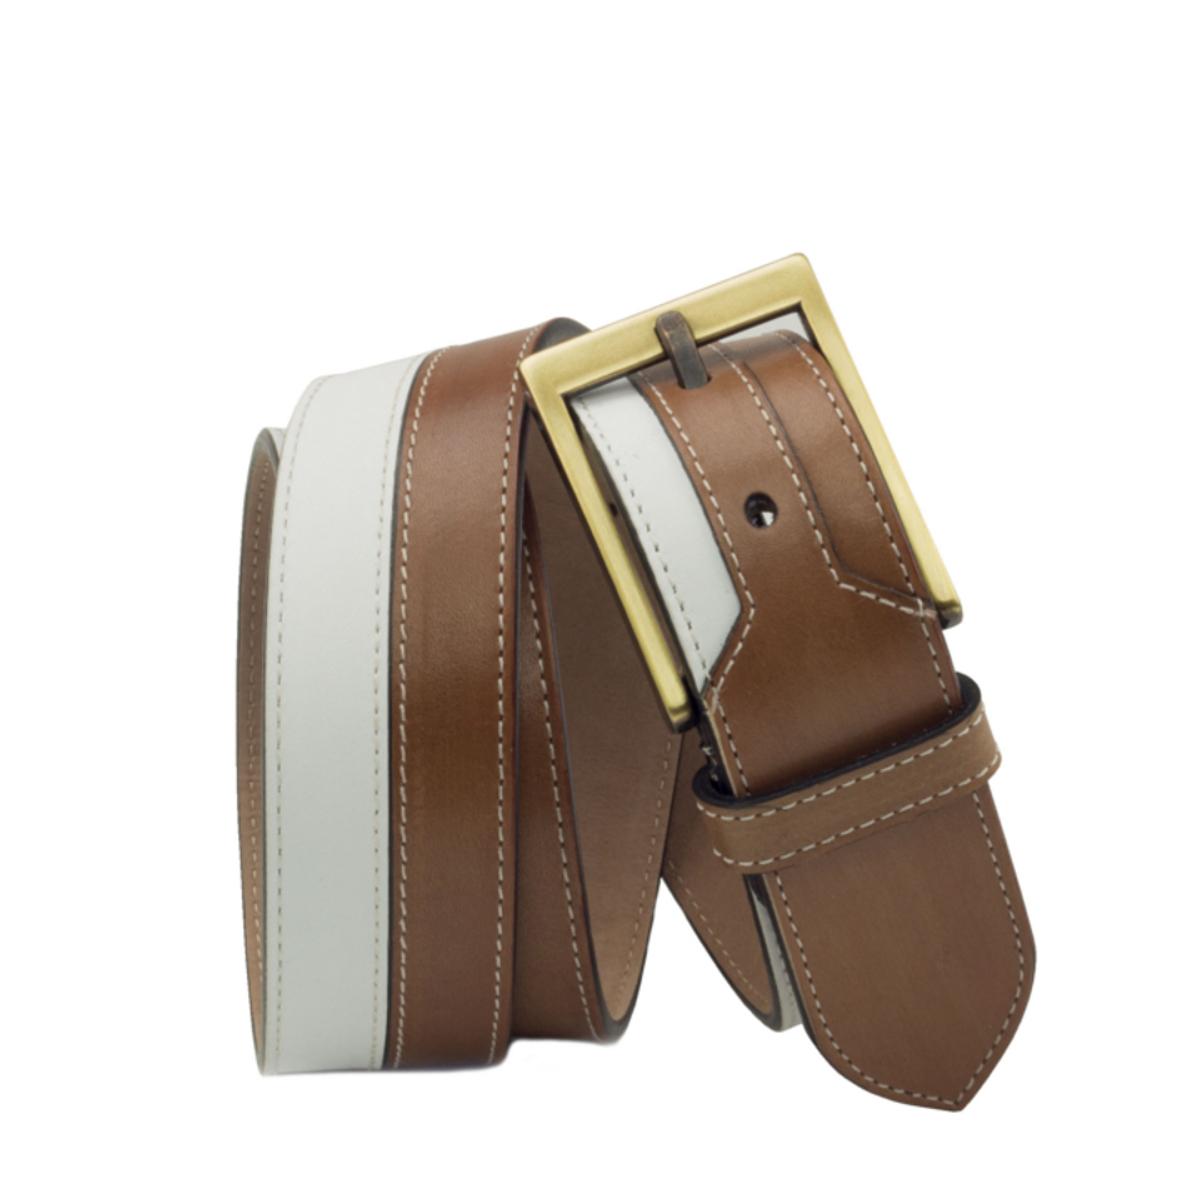 Men's bespoke belt Lagasca